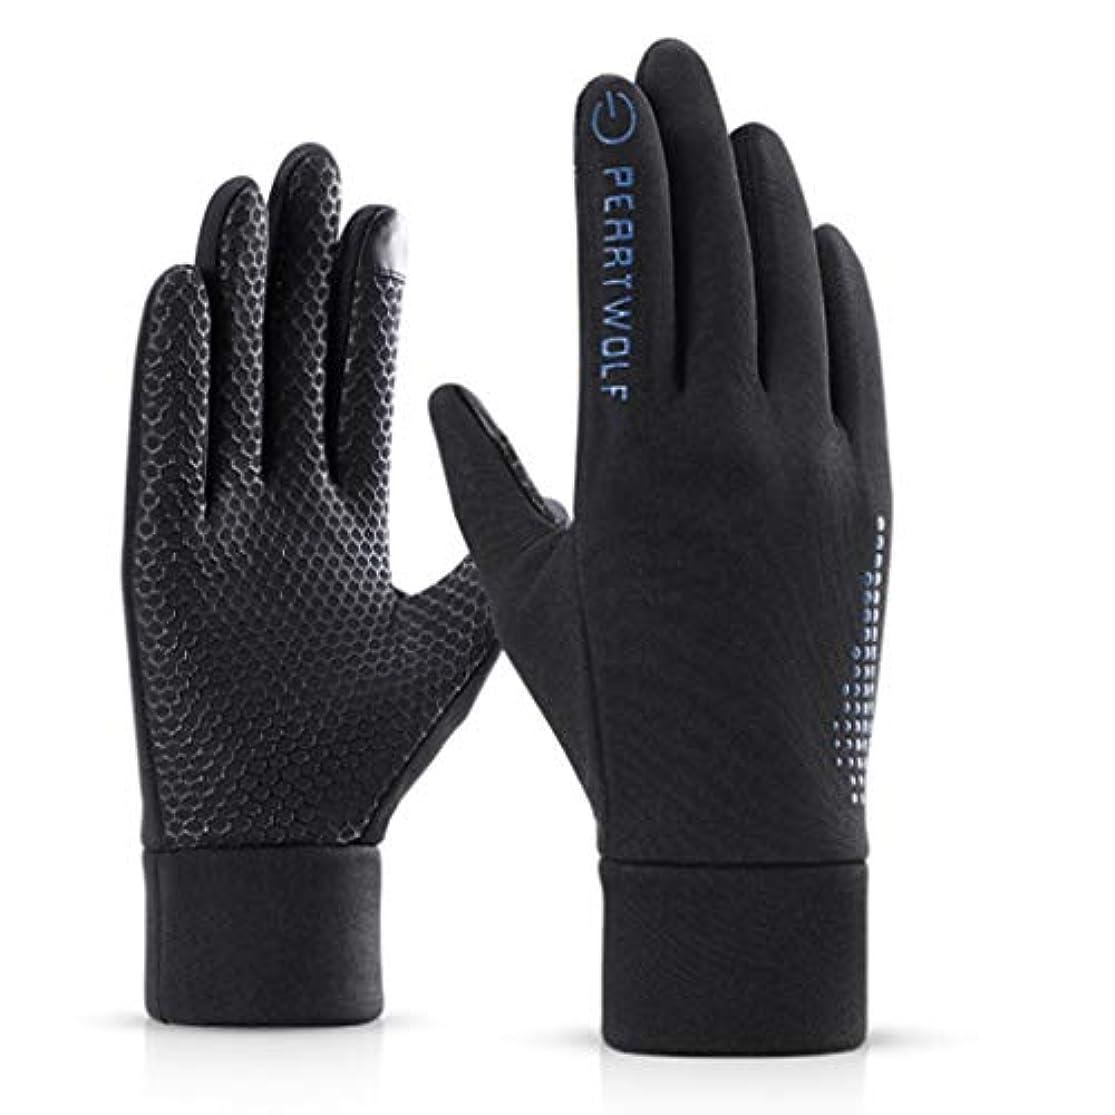 リットル説得死の顎手袋男性の冬のライディングプラスベルベット暖かい防風冷たい韓国人の学生のタッチスクリーンスポーツメンズ手袋